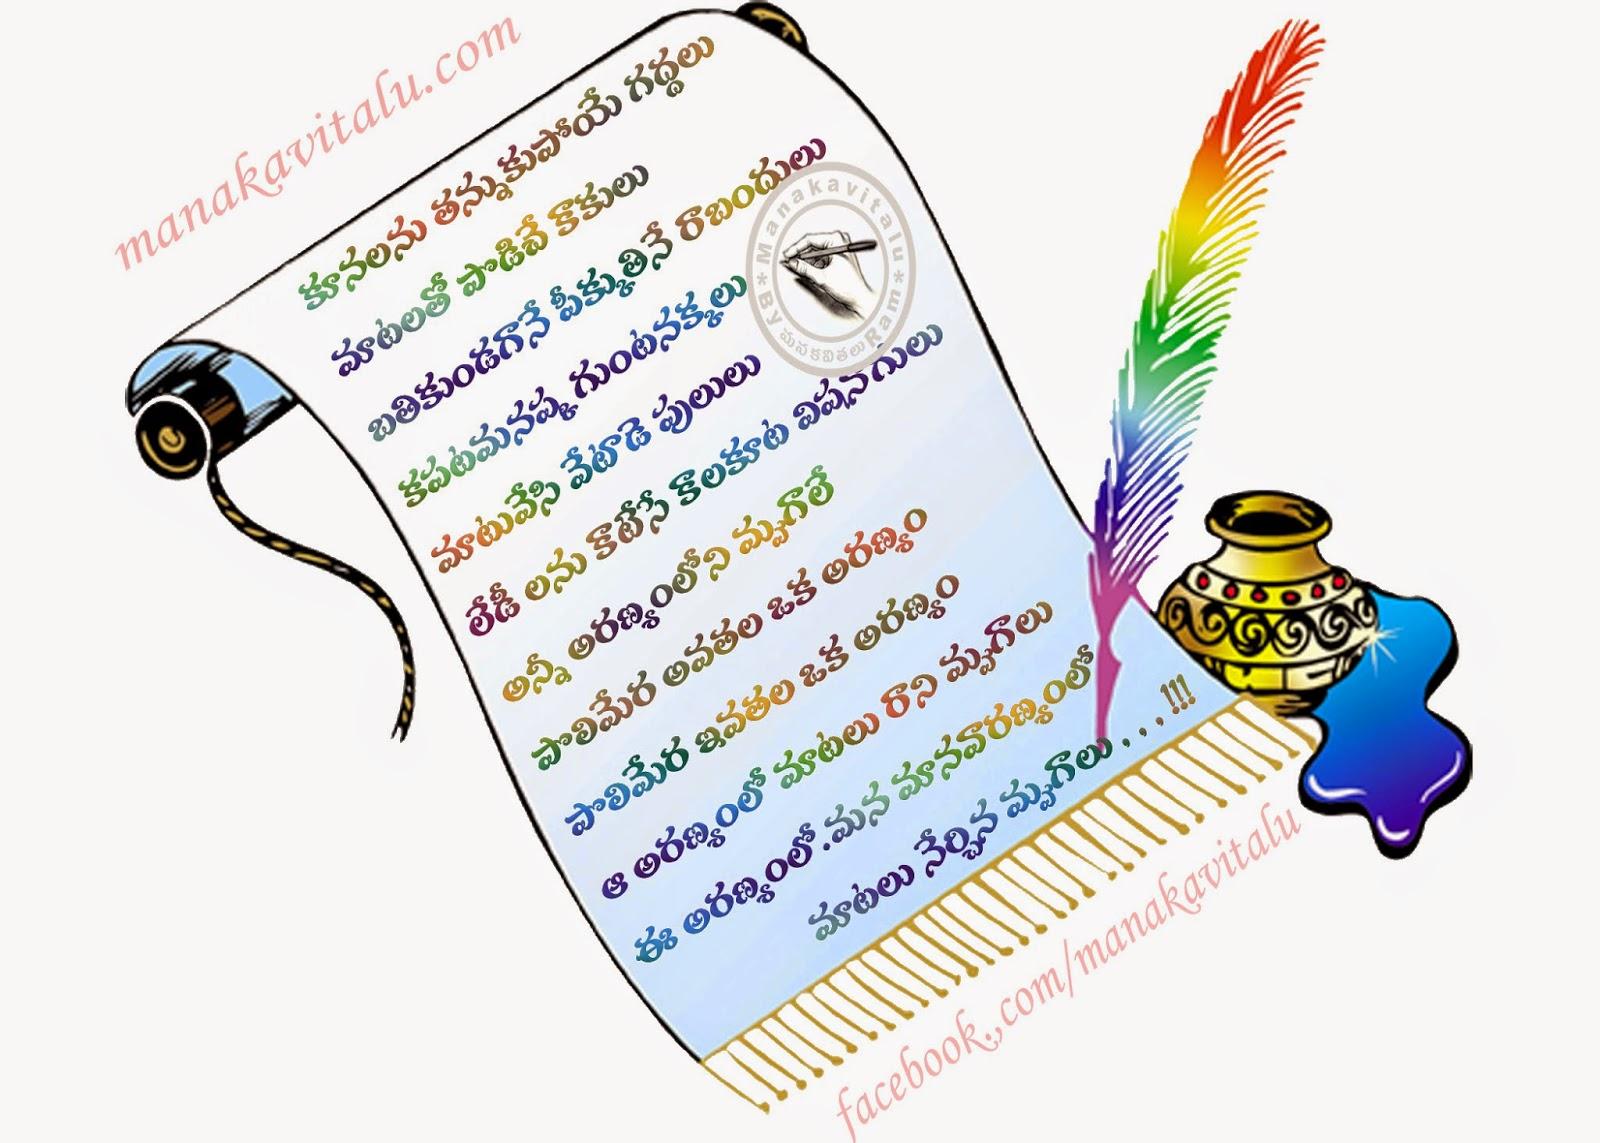 nirbaya telugu poets on images